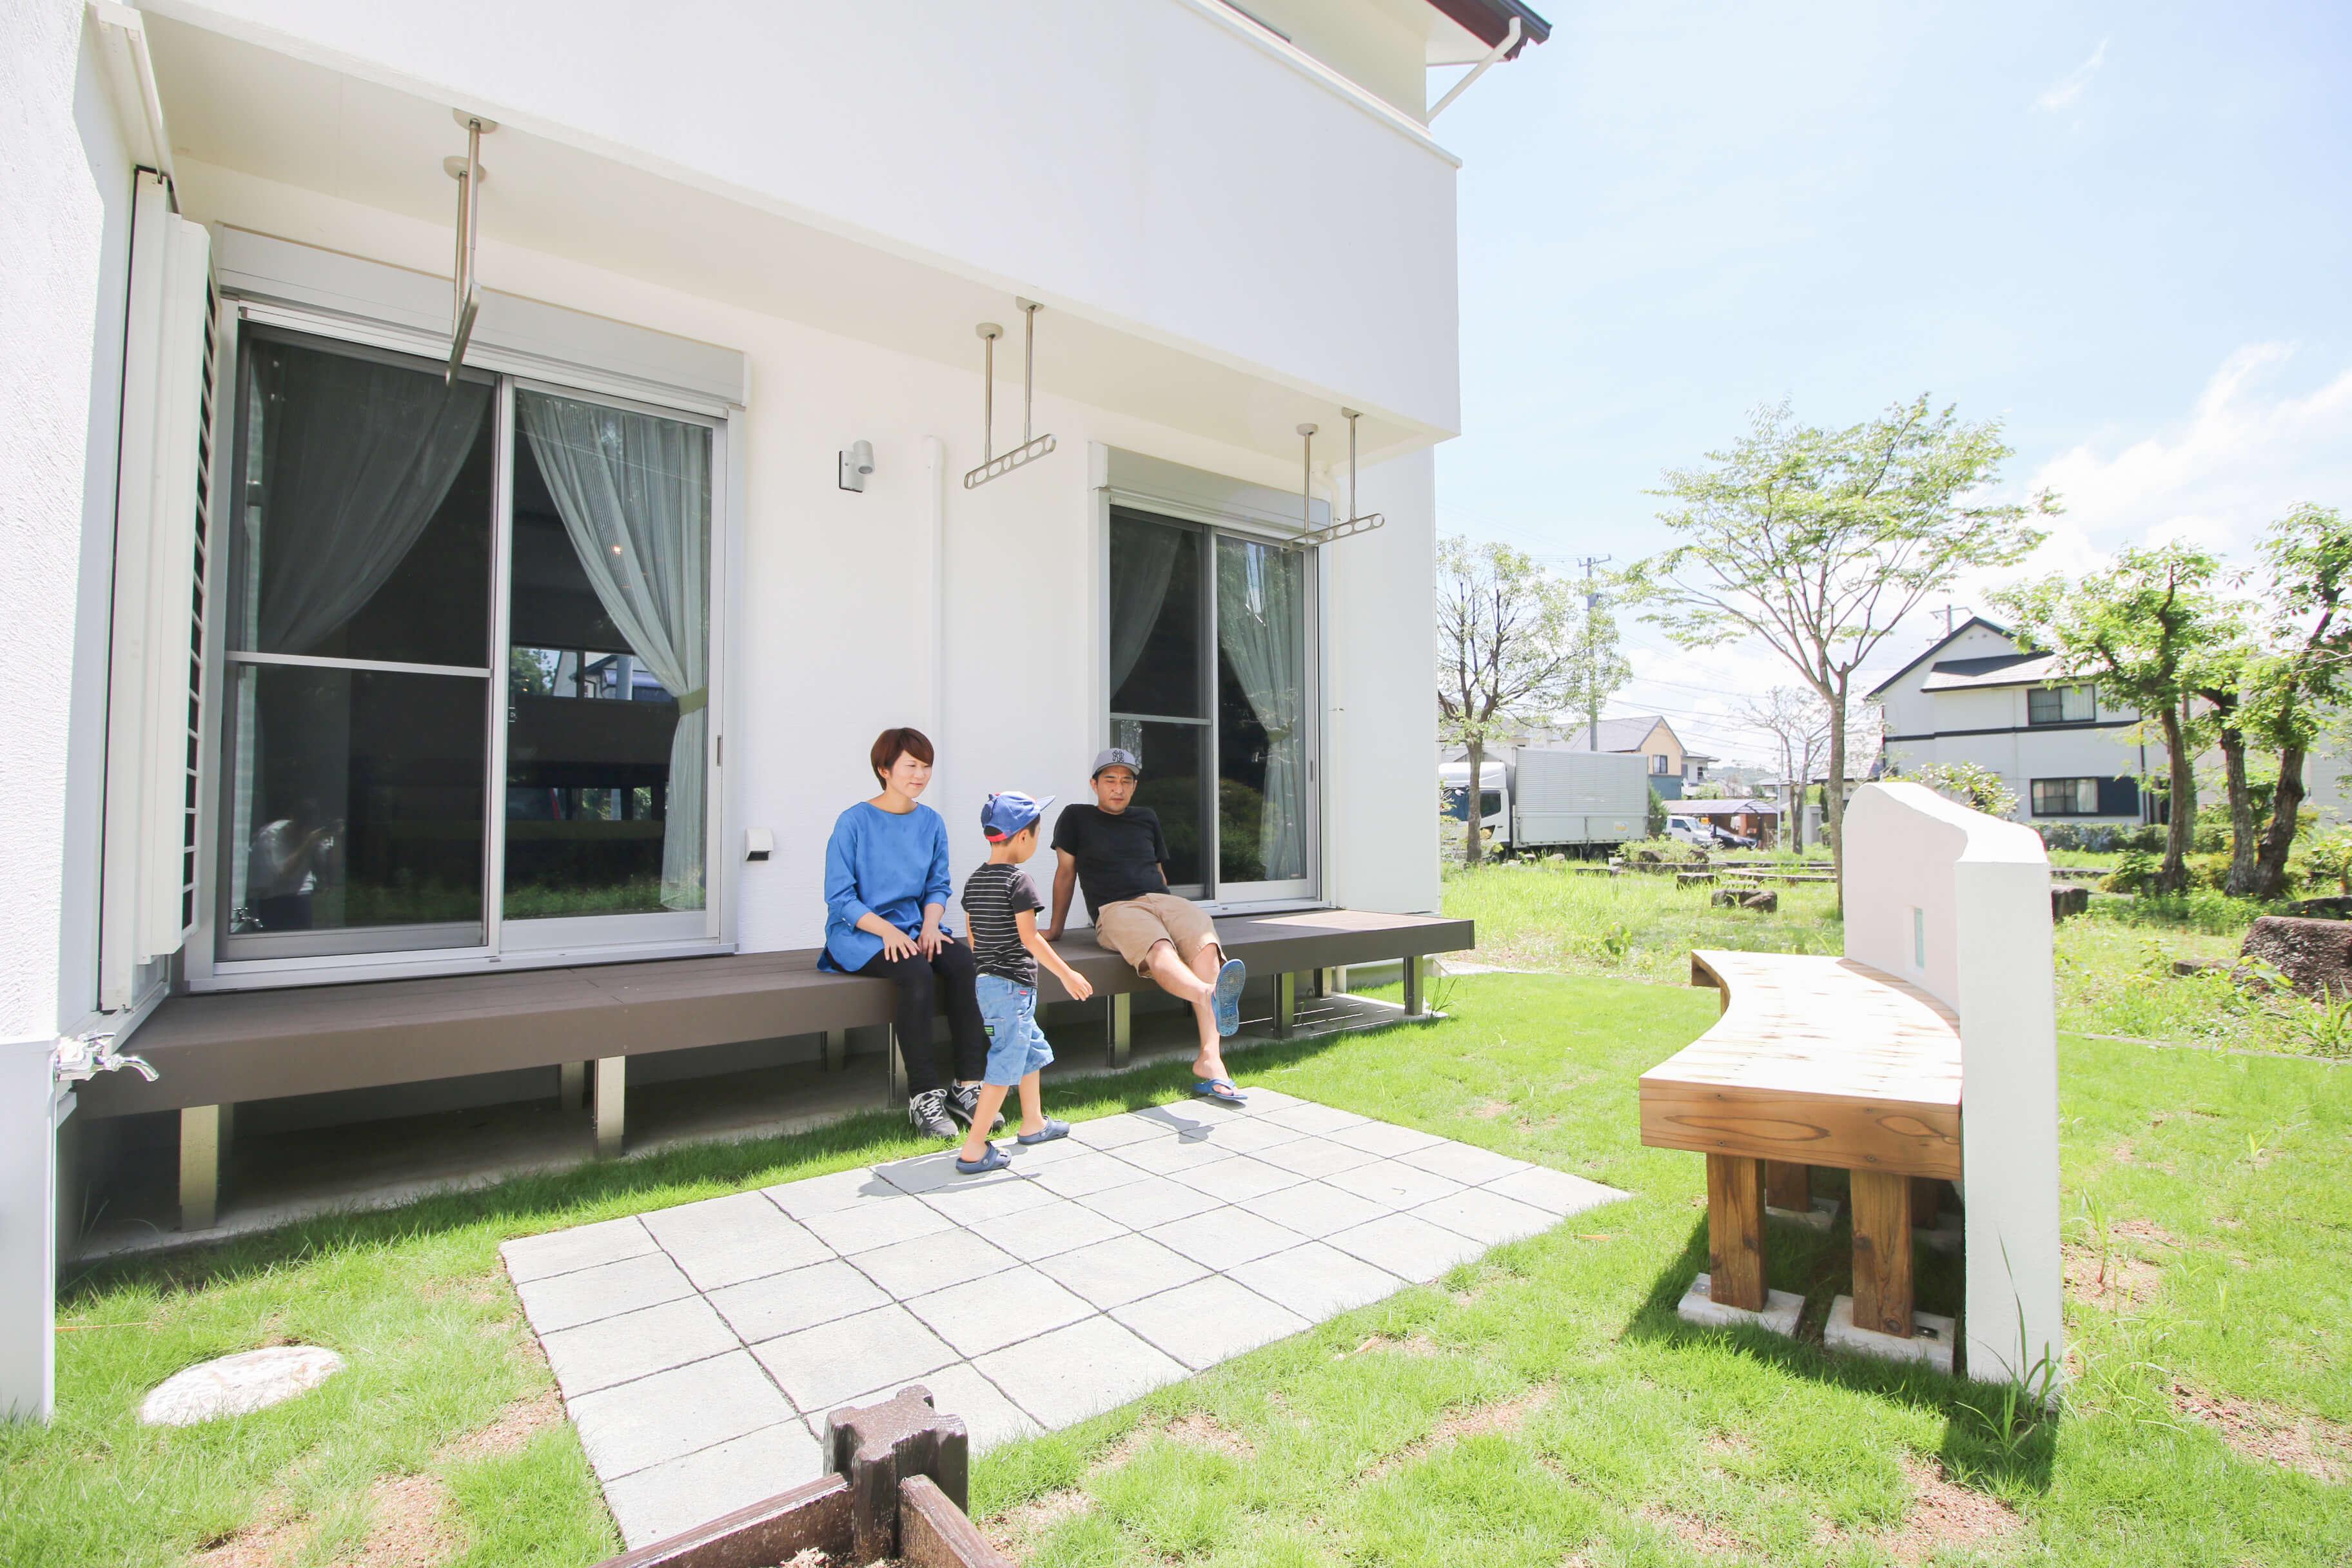 注文住宅レポート 袋井市鷲巣T様邸「家事動線がラクチンな経年変化を楽しむ家」